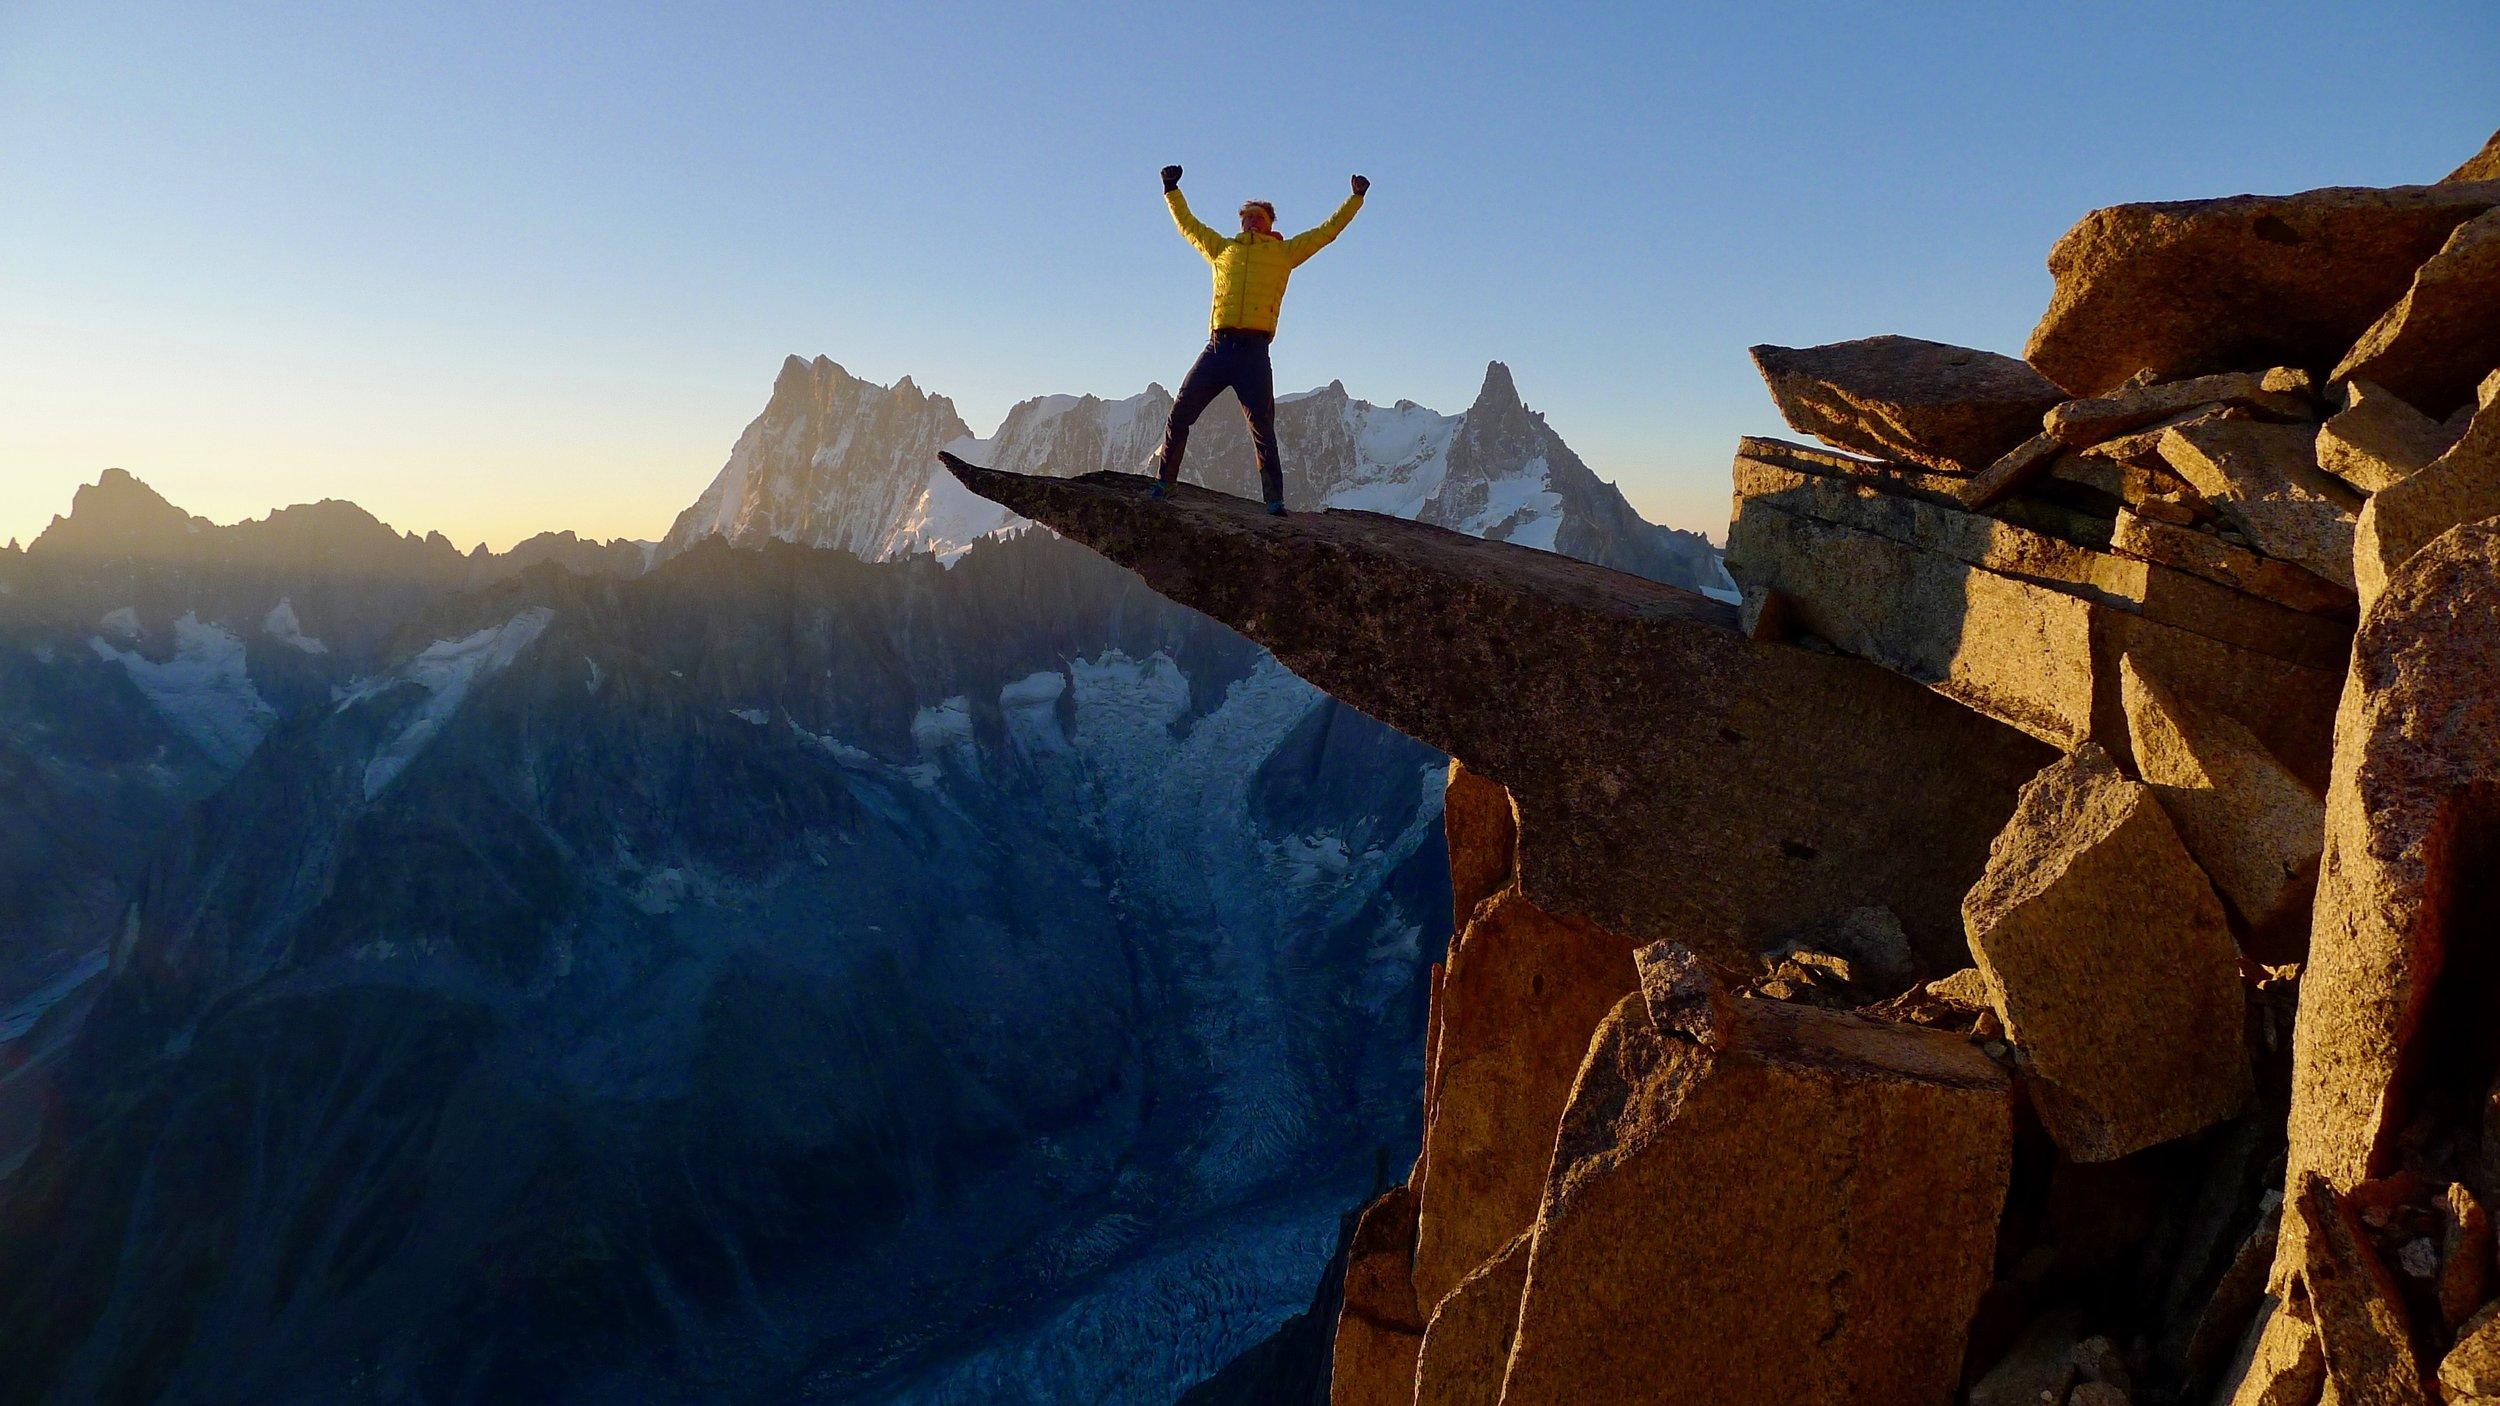 aiguille du fou, chamonix. mont blanc massif. photo: tony stone